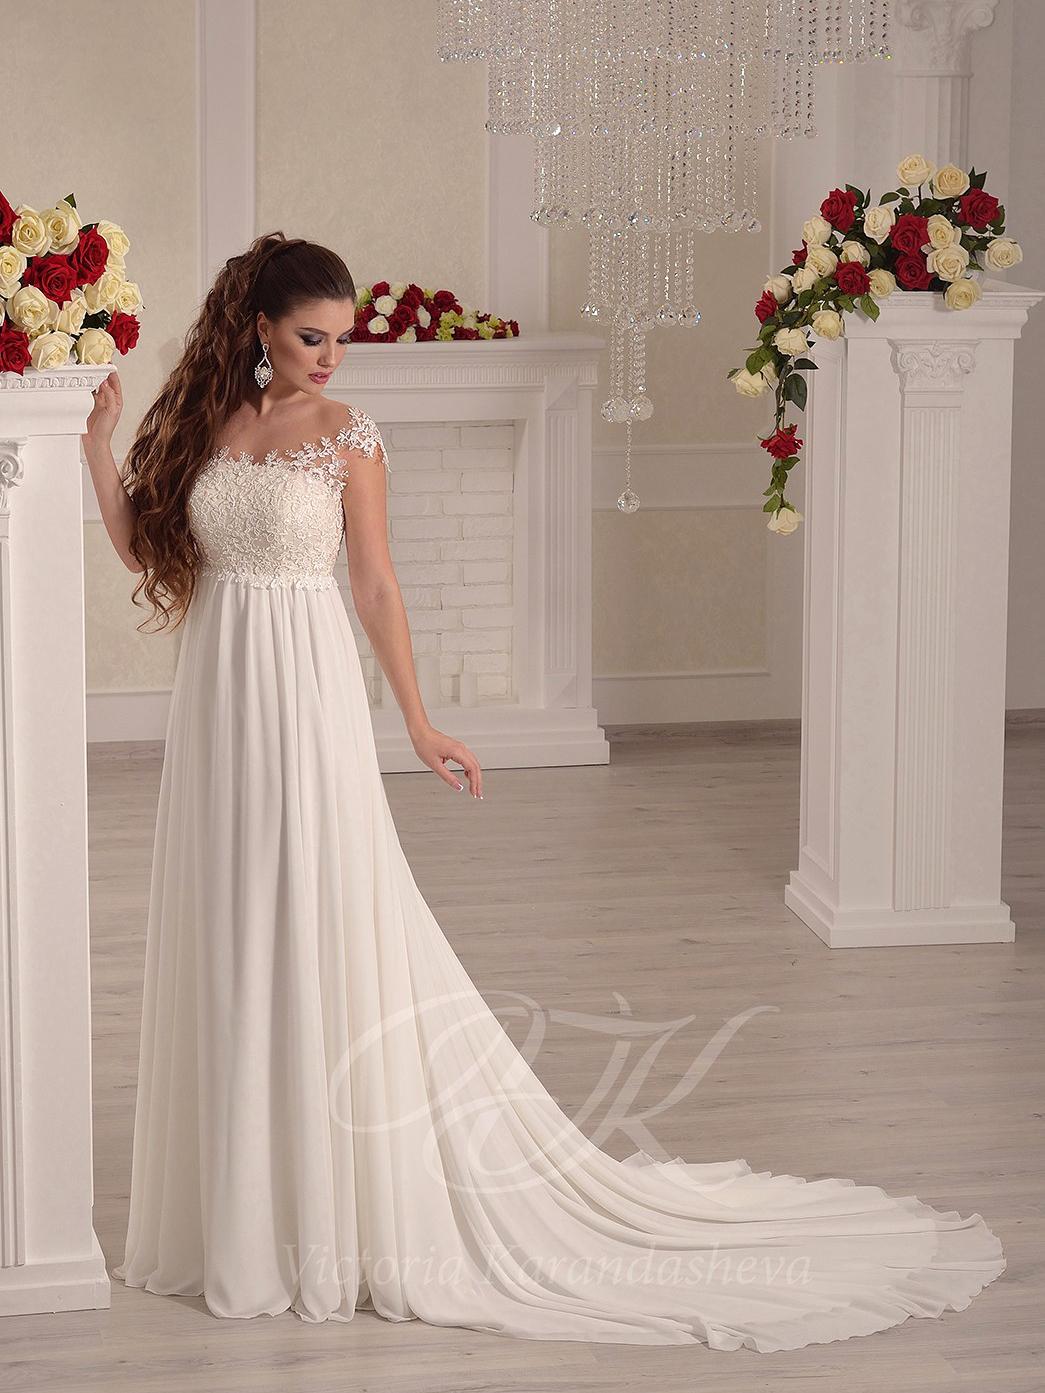 cefa99b03015e2a Греческие свадебные платья - купить платье в греческом стиле по ...